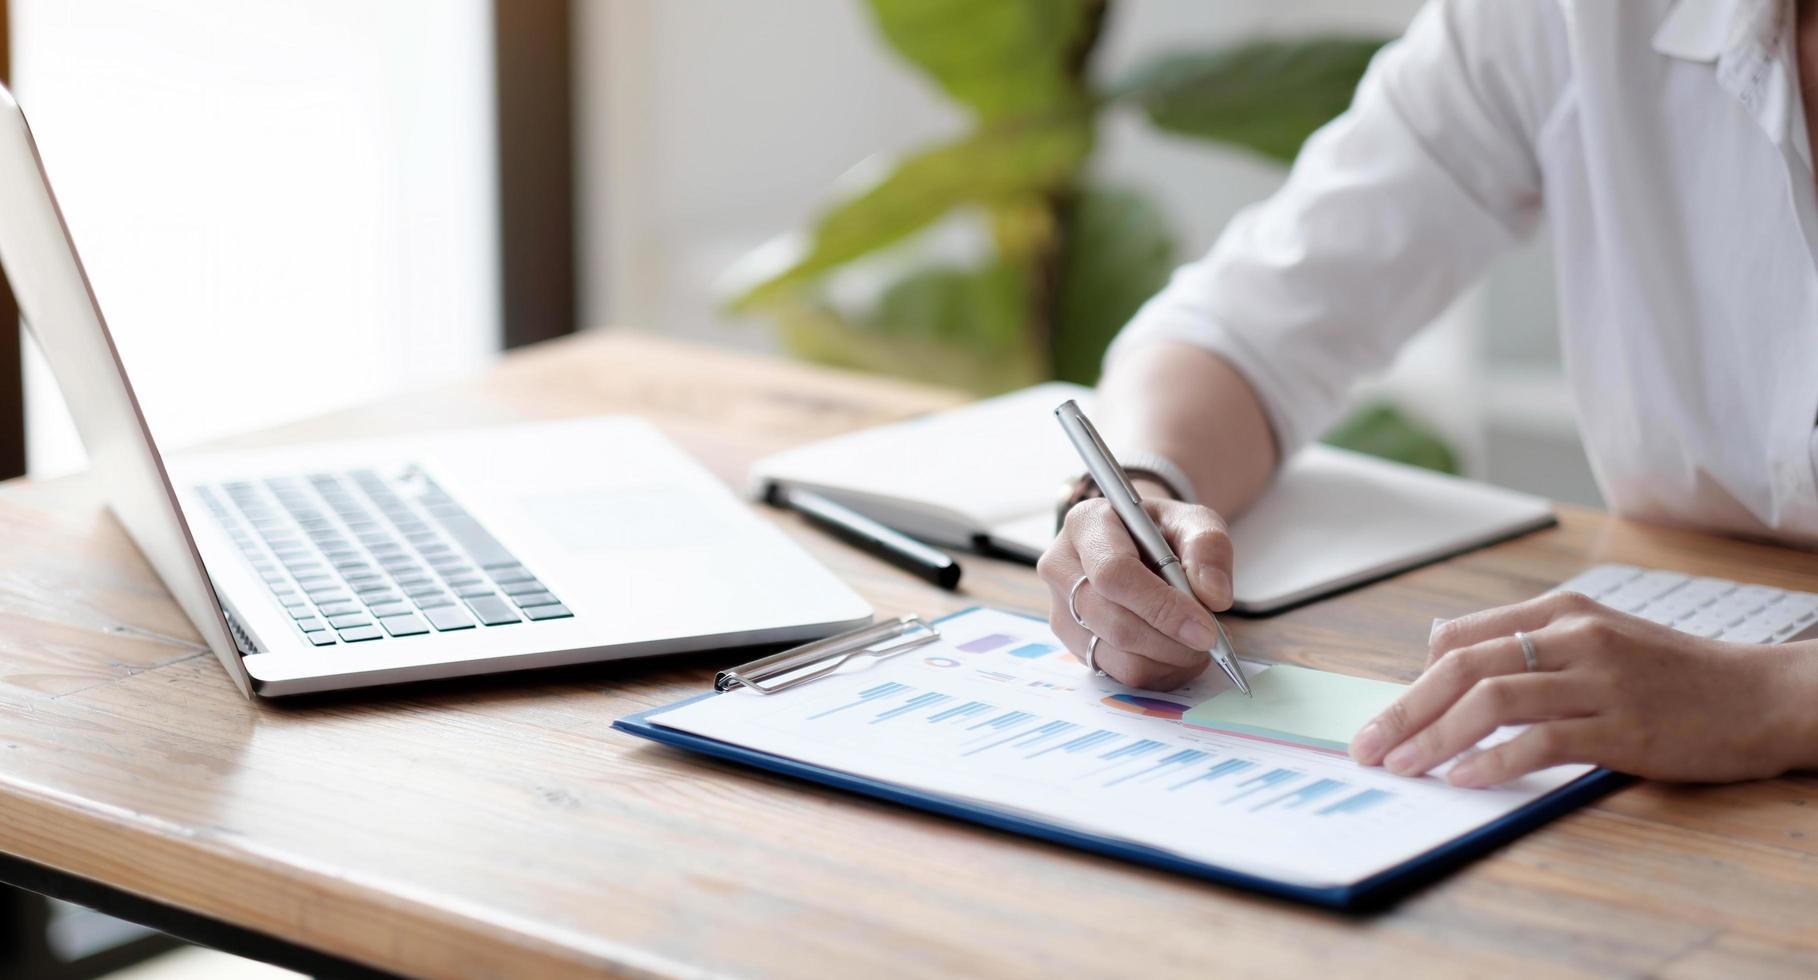 primo piano, un contabile o un imprenditore scrive su foglietti adesivi, prende appunti su appunti postali, lavora su rapporti finanziari e calcola budget aziendali foto